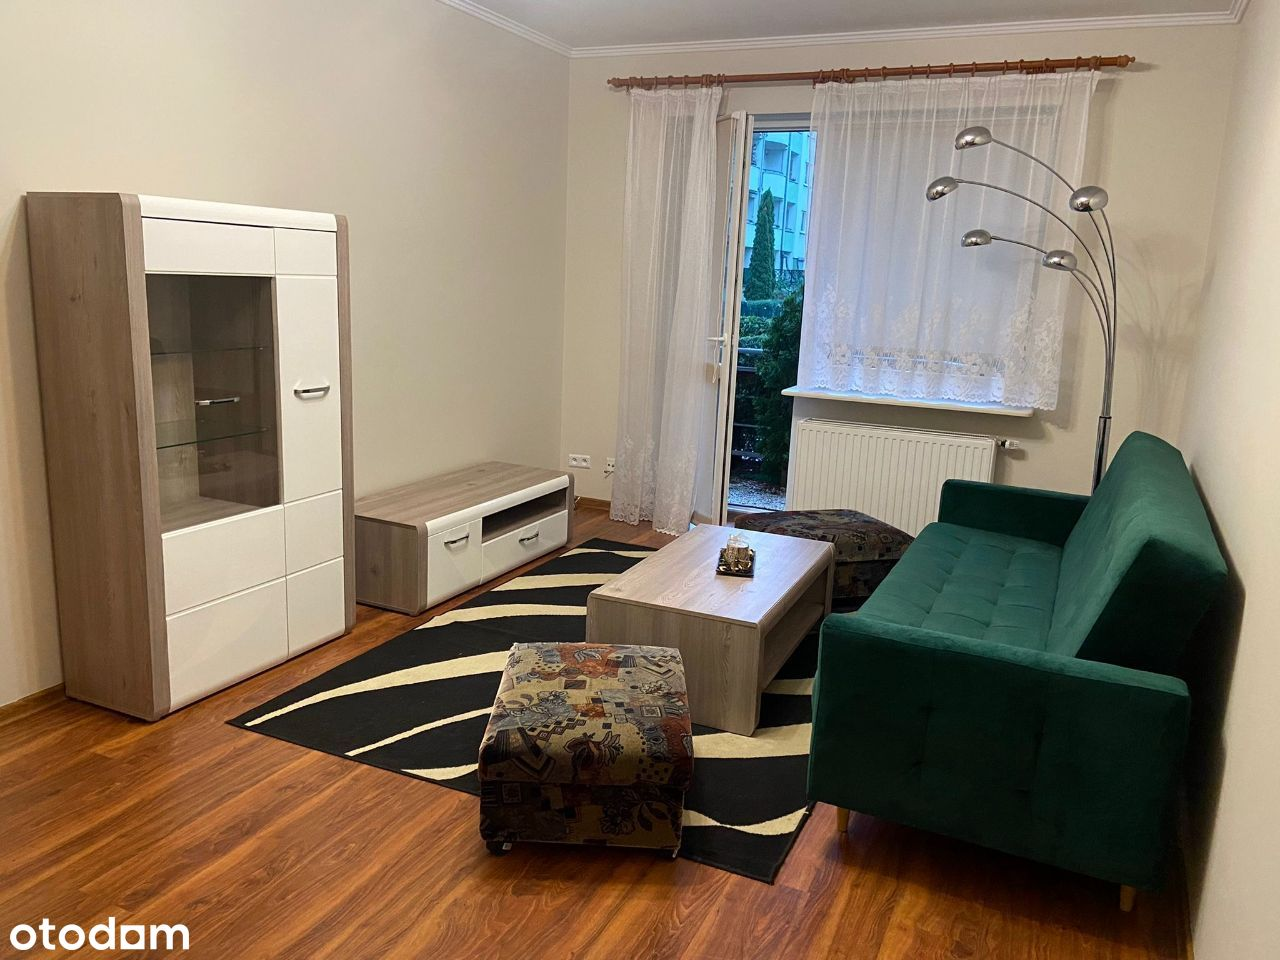 TARCHOMIN, ul. Botewa - mieszkanie 2 pokoje 51m2